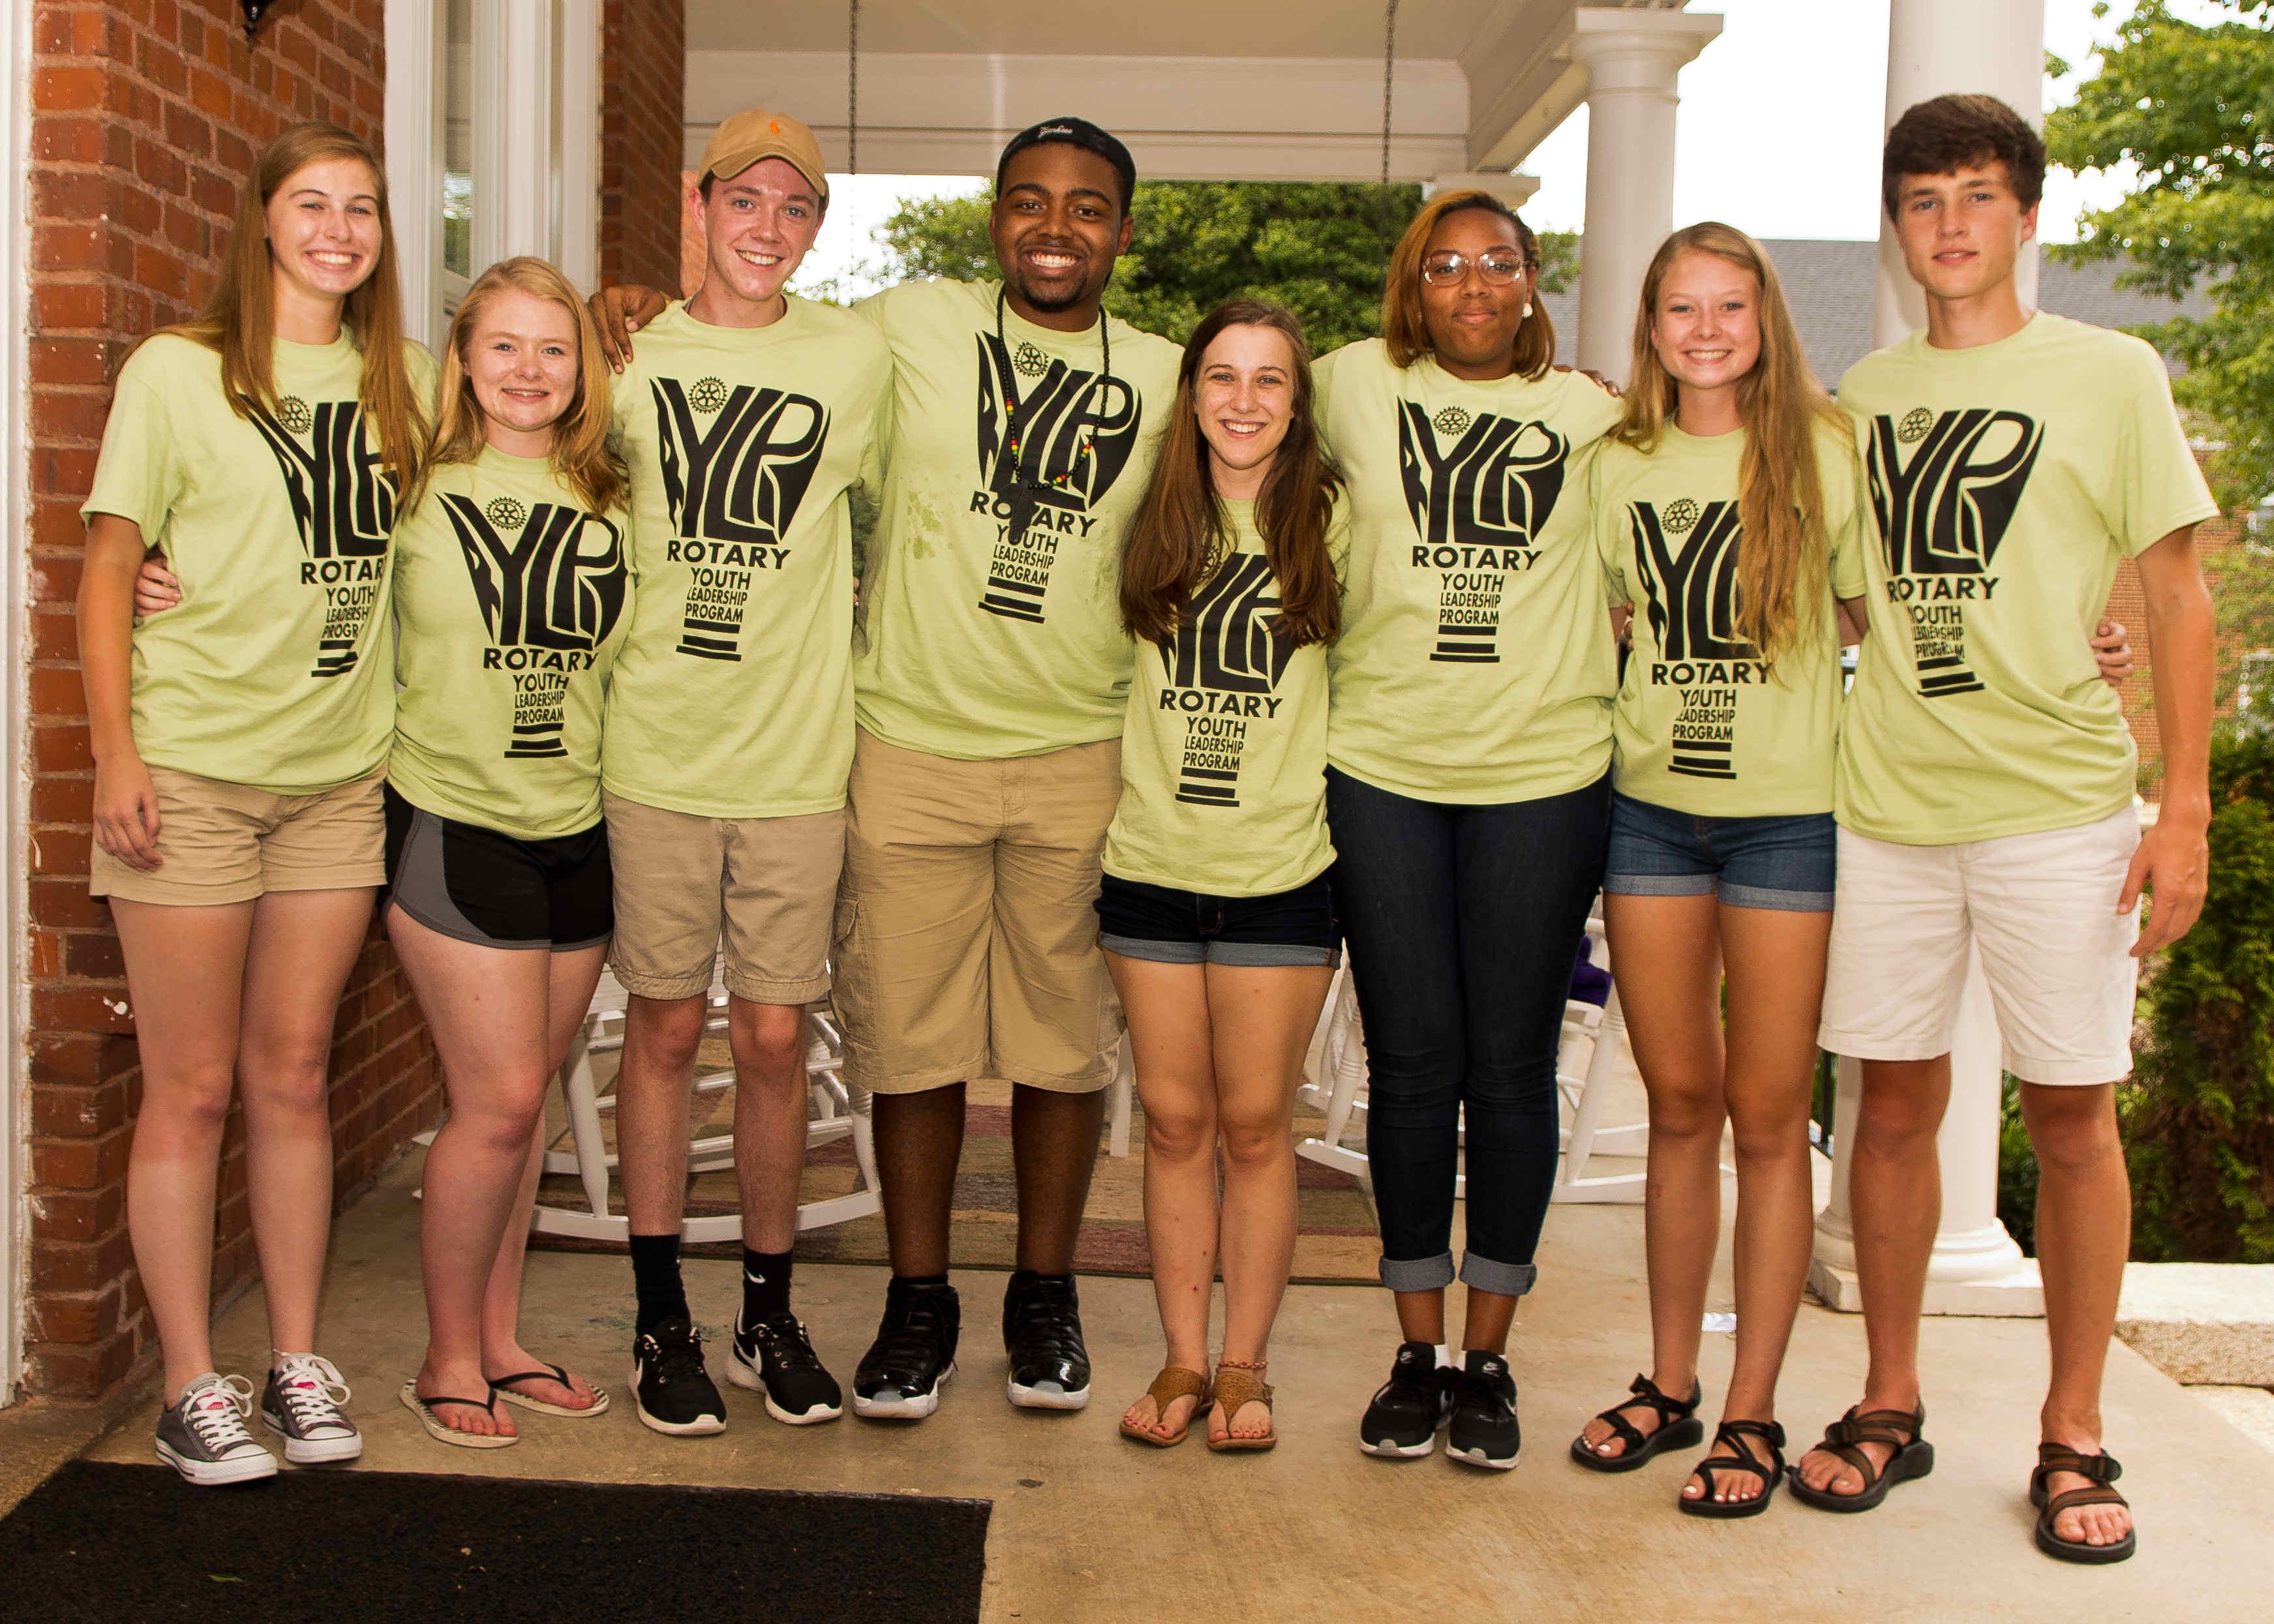 Rotary Youth Leadership Program Rylp Rotary Club Of Greensboro